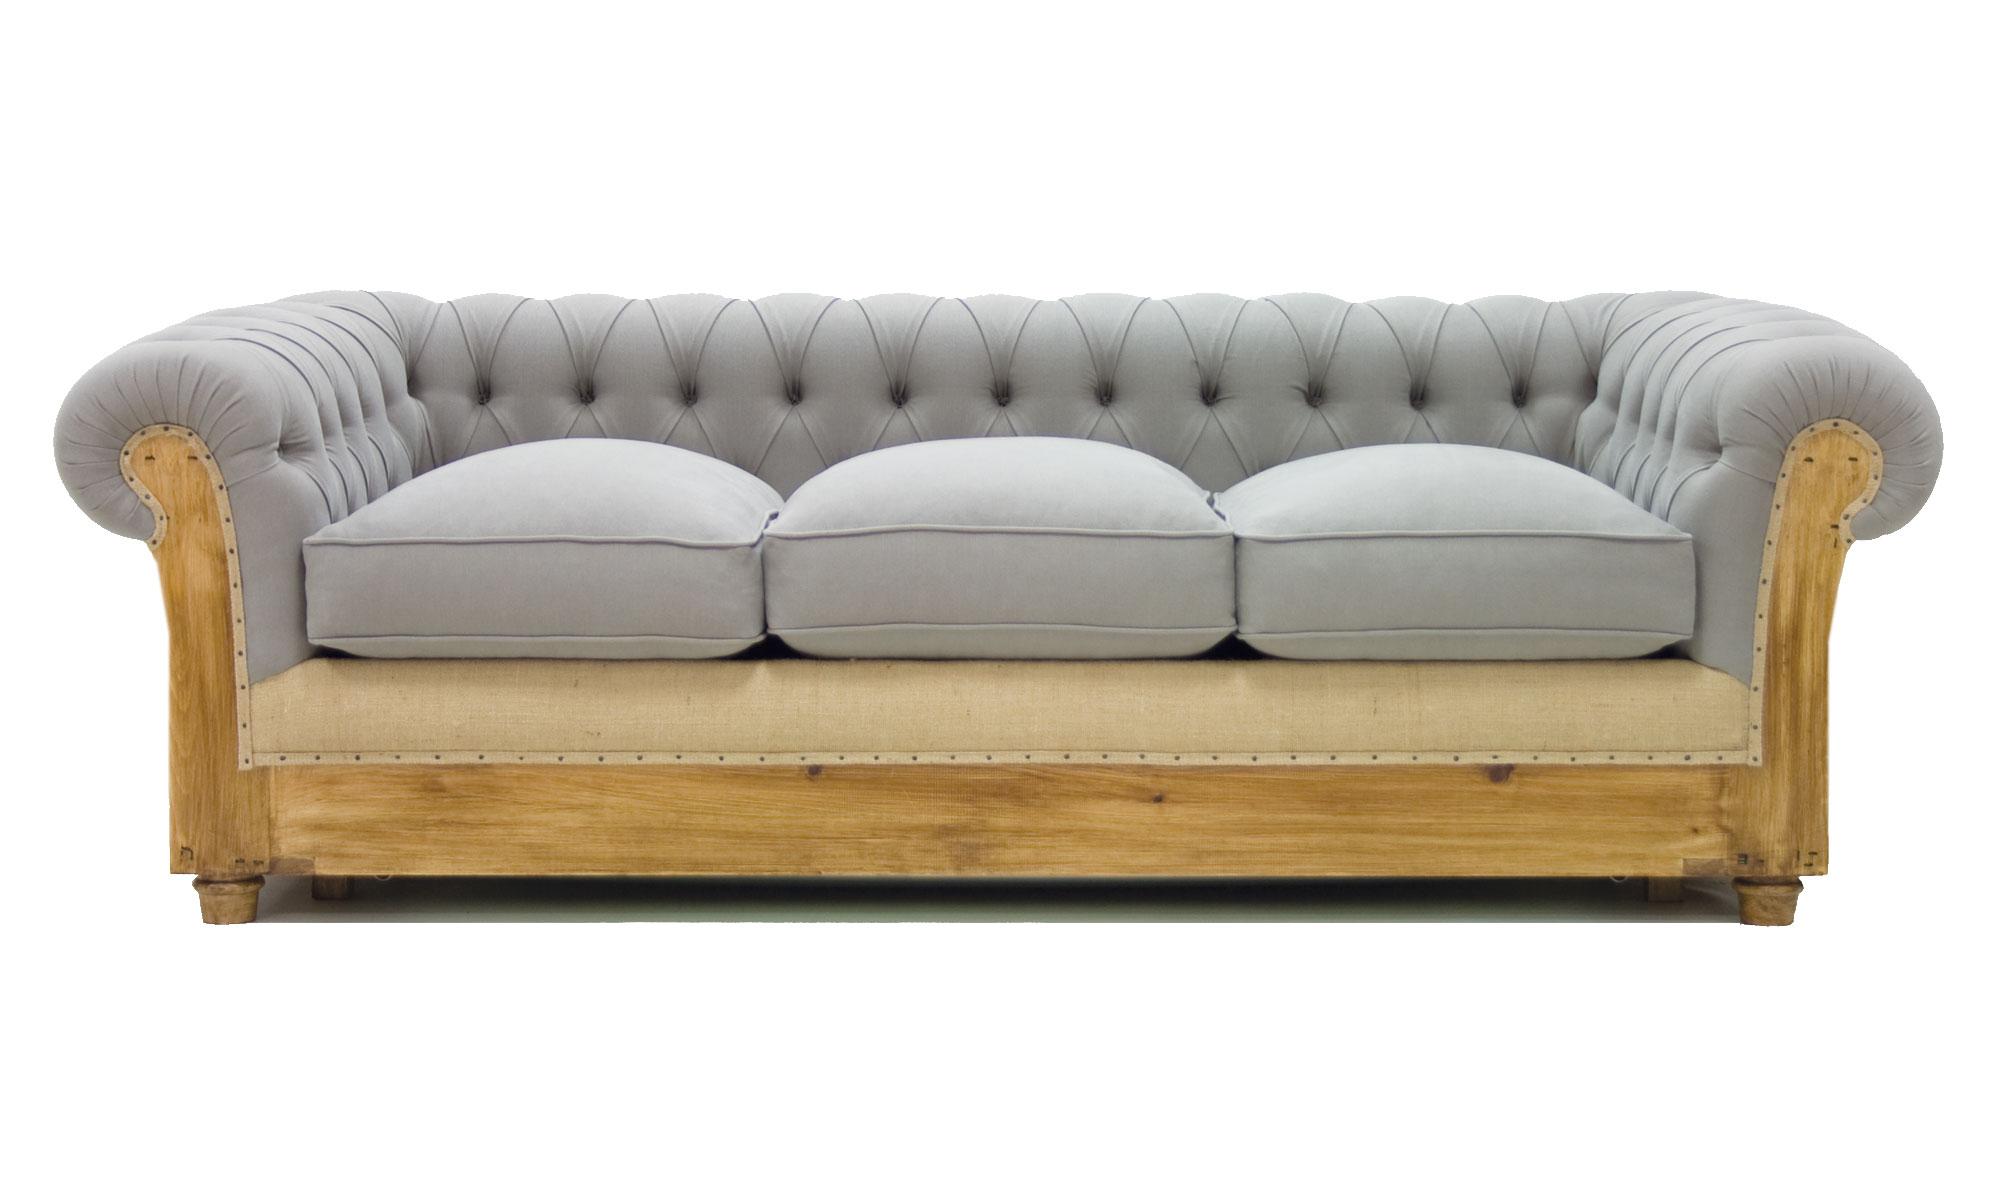 Sof cama gris chesterfield chesire de lujo en for Muebles la fabrica sofas cama